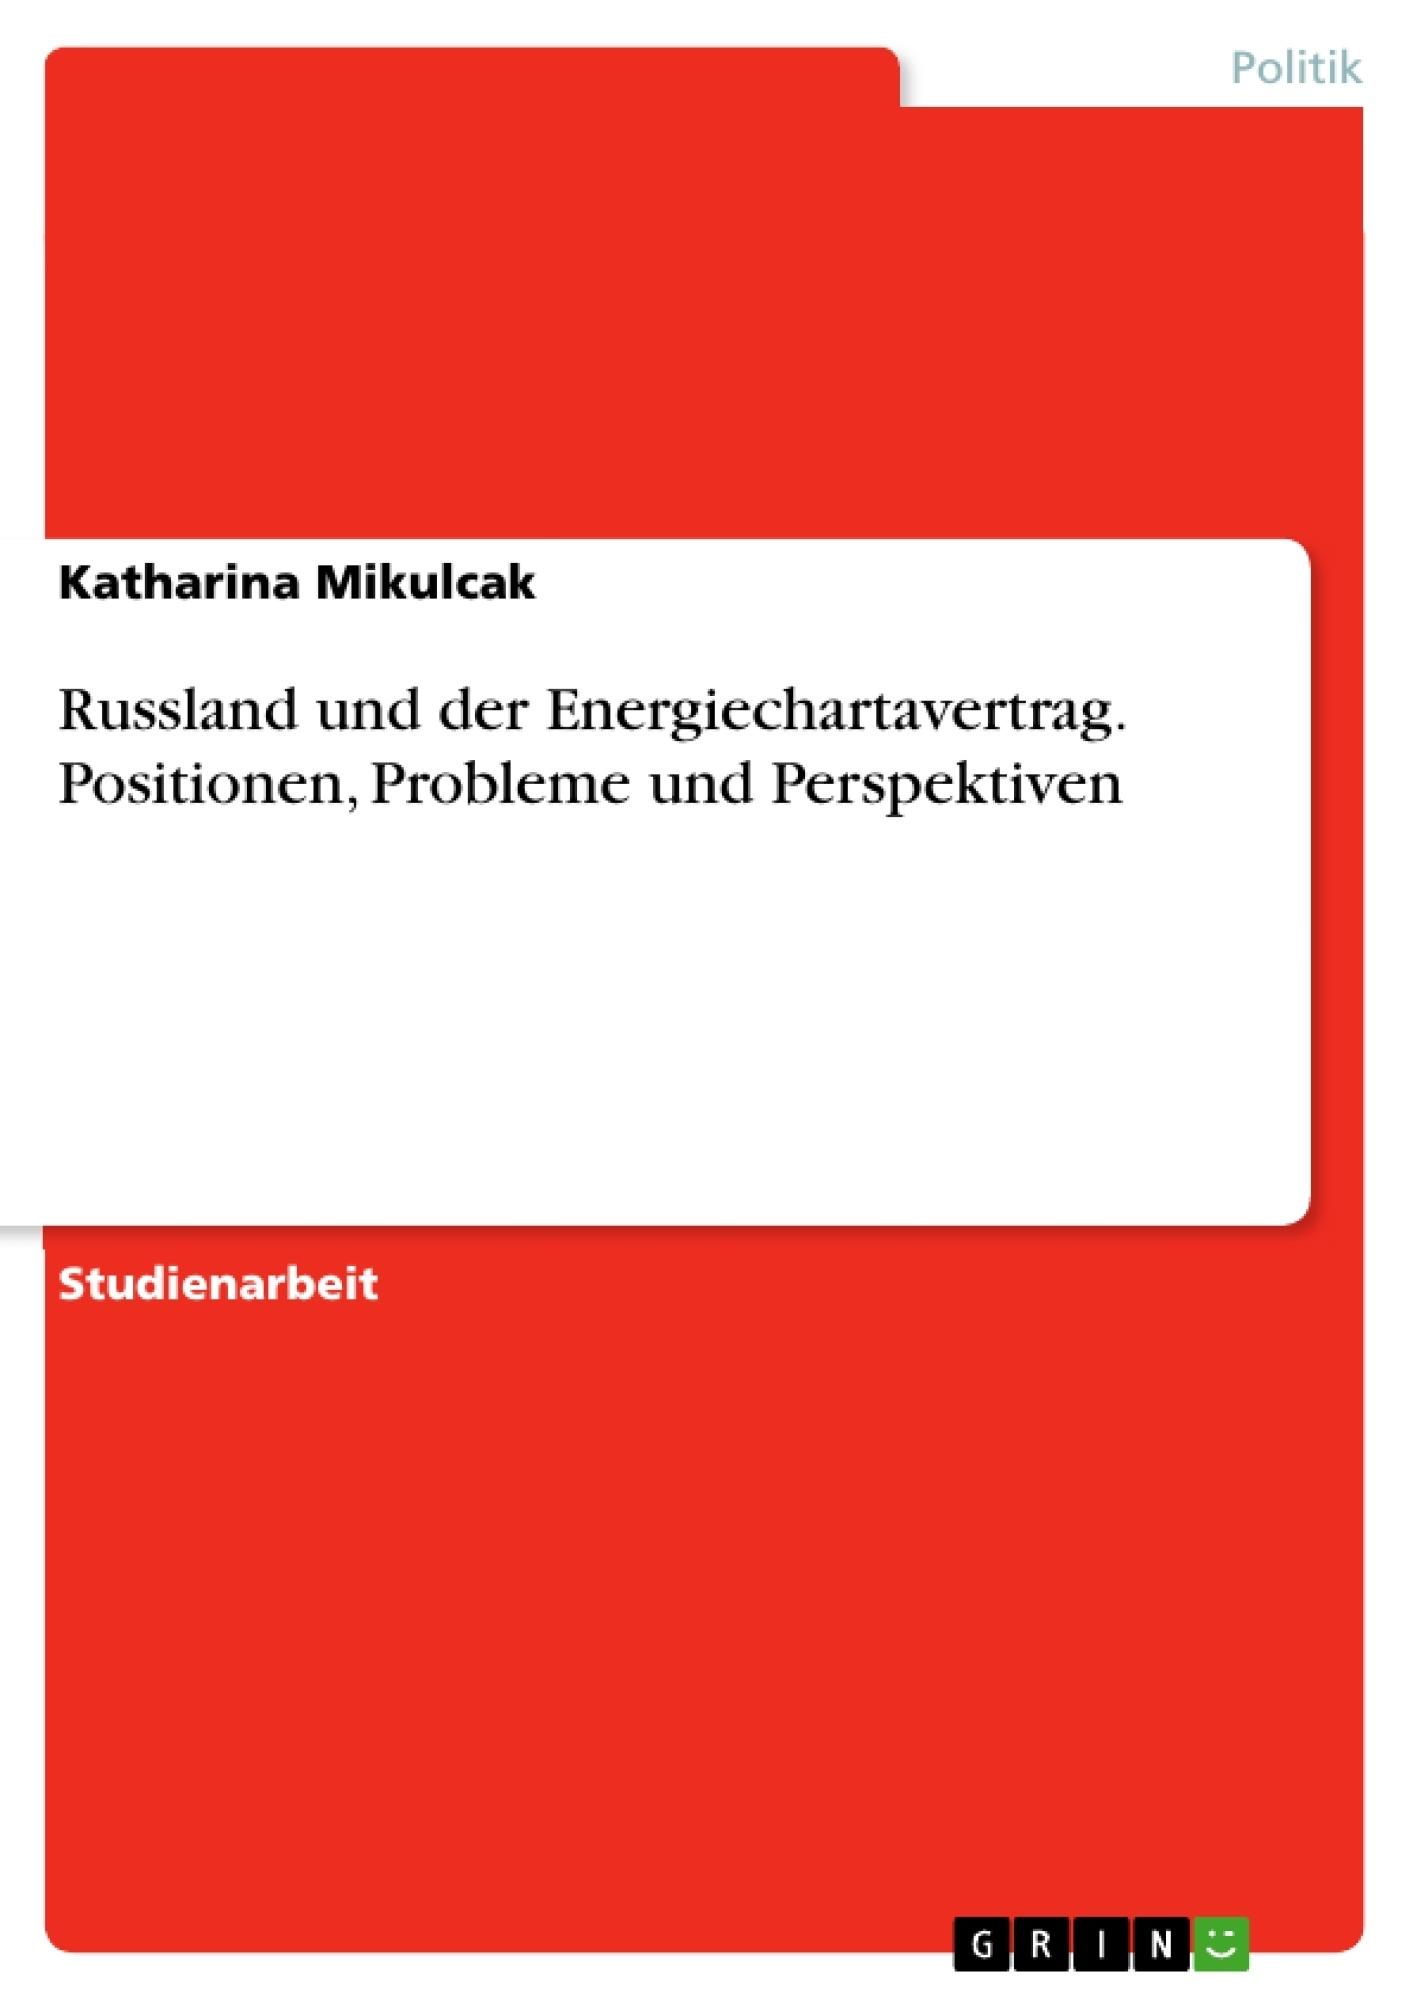 Titel: Russland und der Energiechartavertrag. Positionen, Probleme und Perspektiven